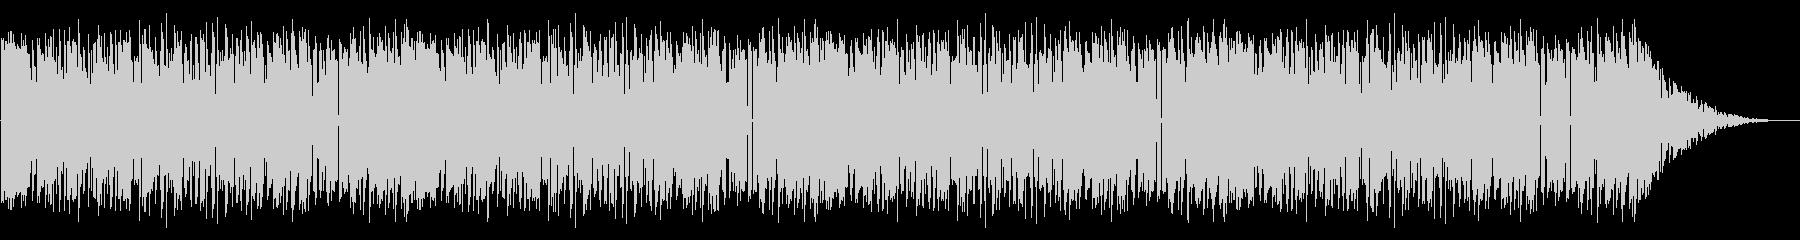 NES アクションC08-1(ボス) の未再生の波形